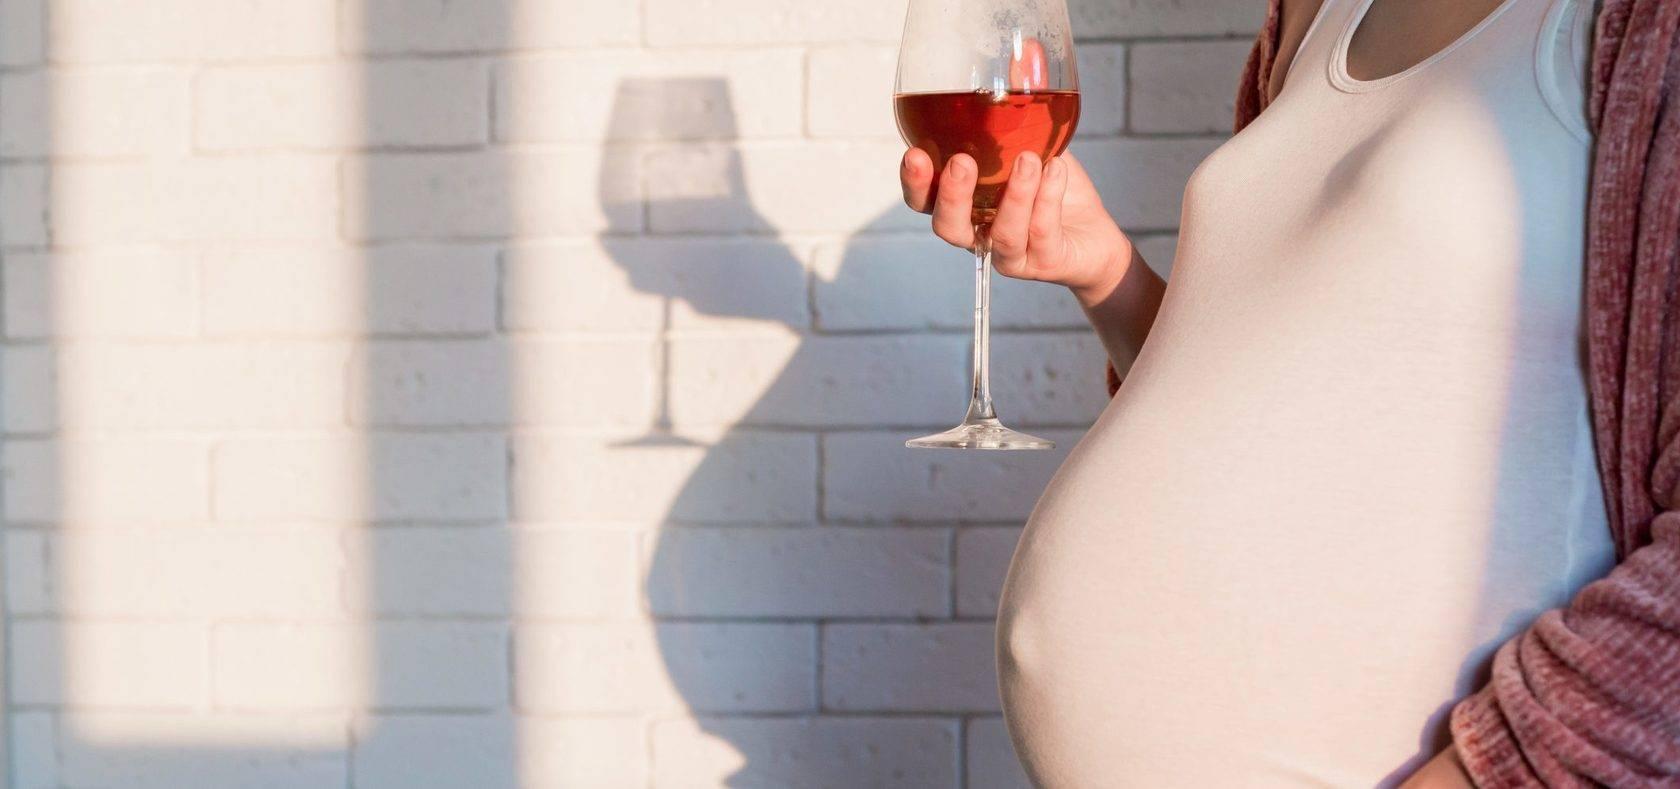 Не знала что беременна и пила алкоголь, употребляла вино зная что беременна